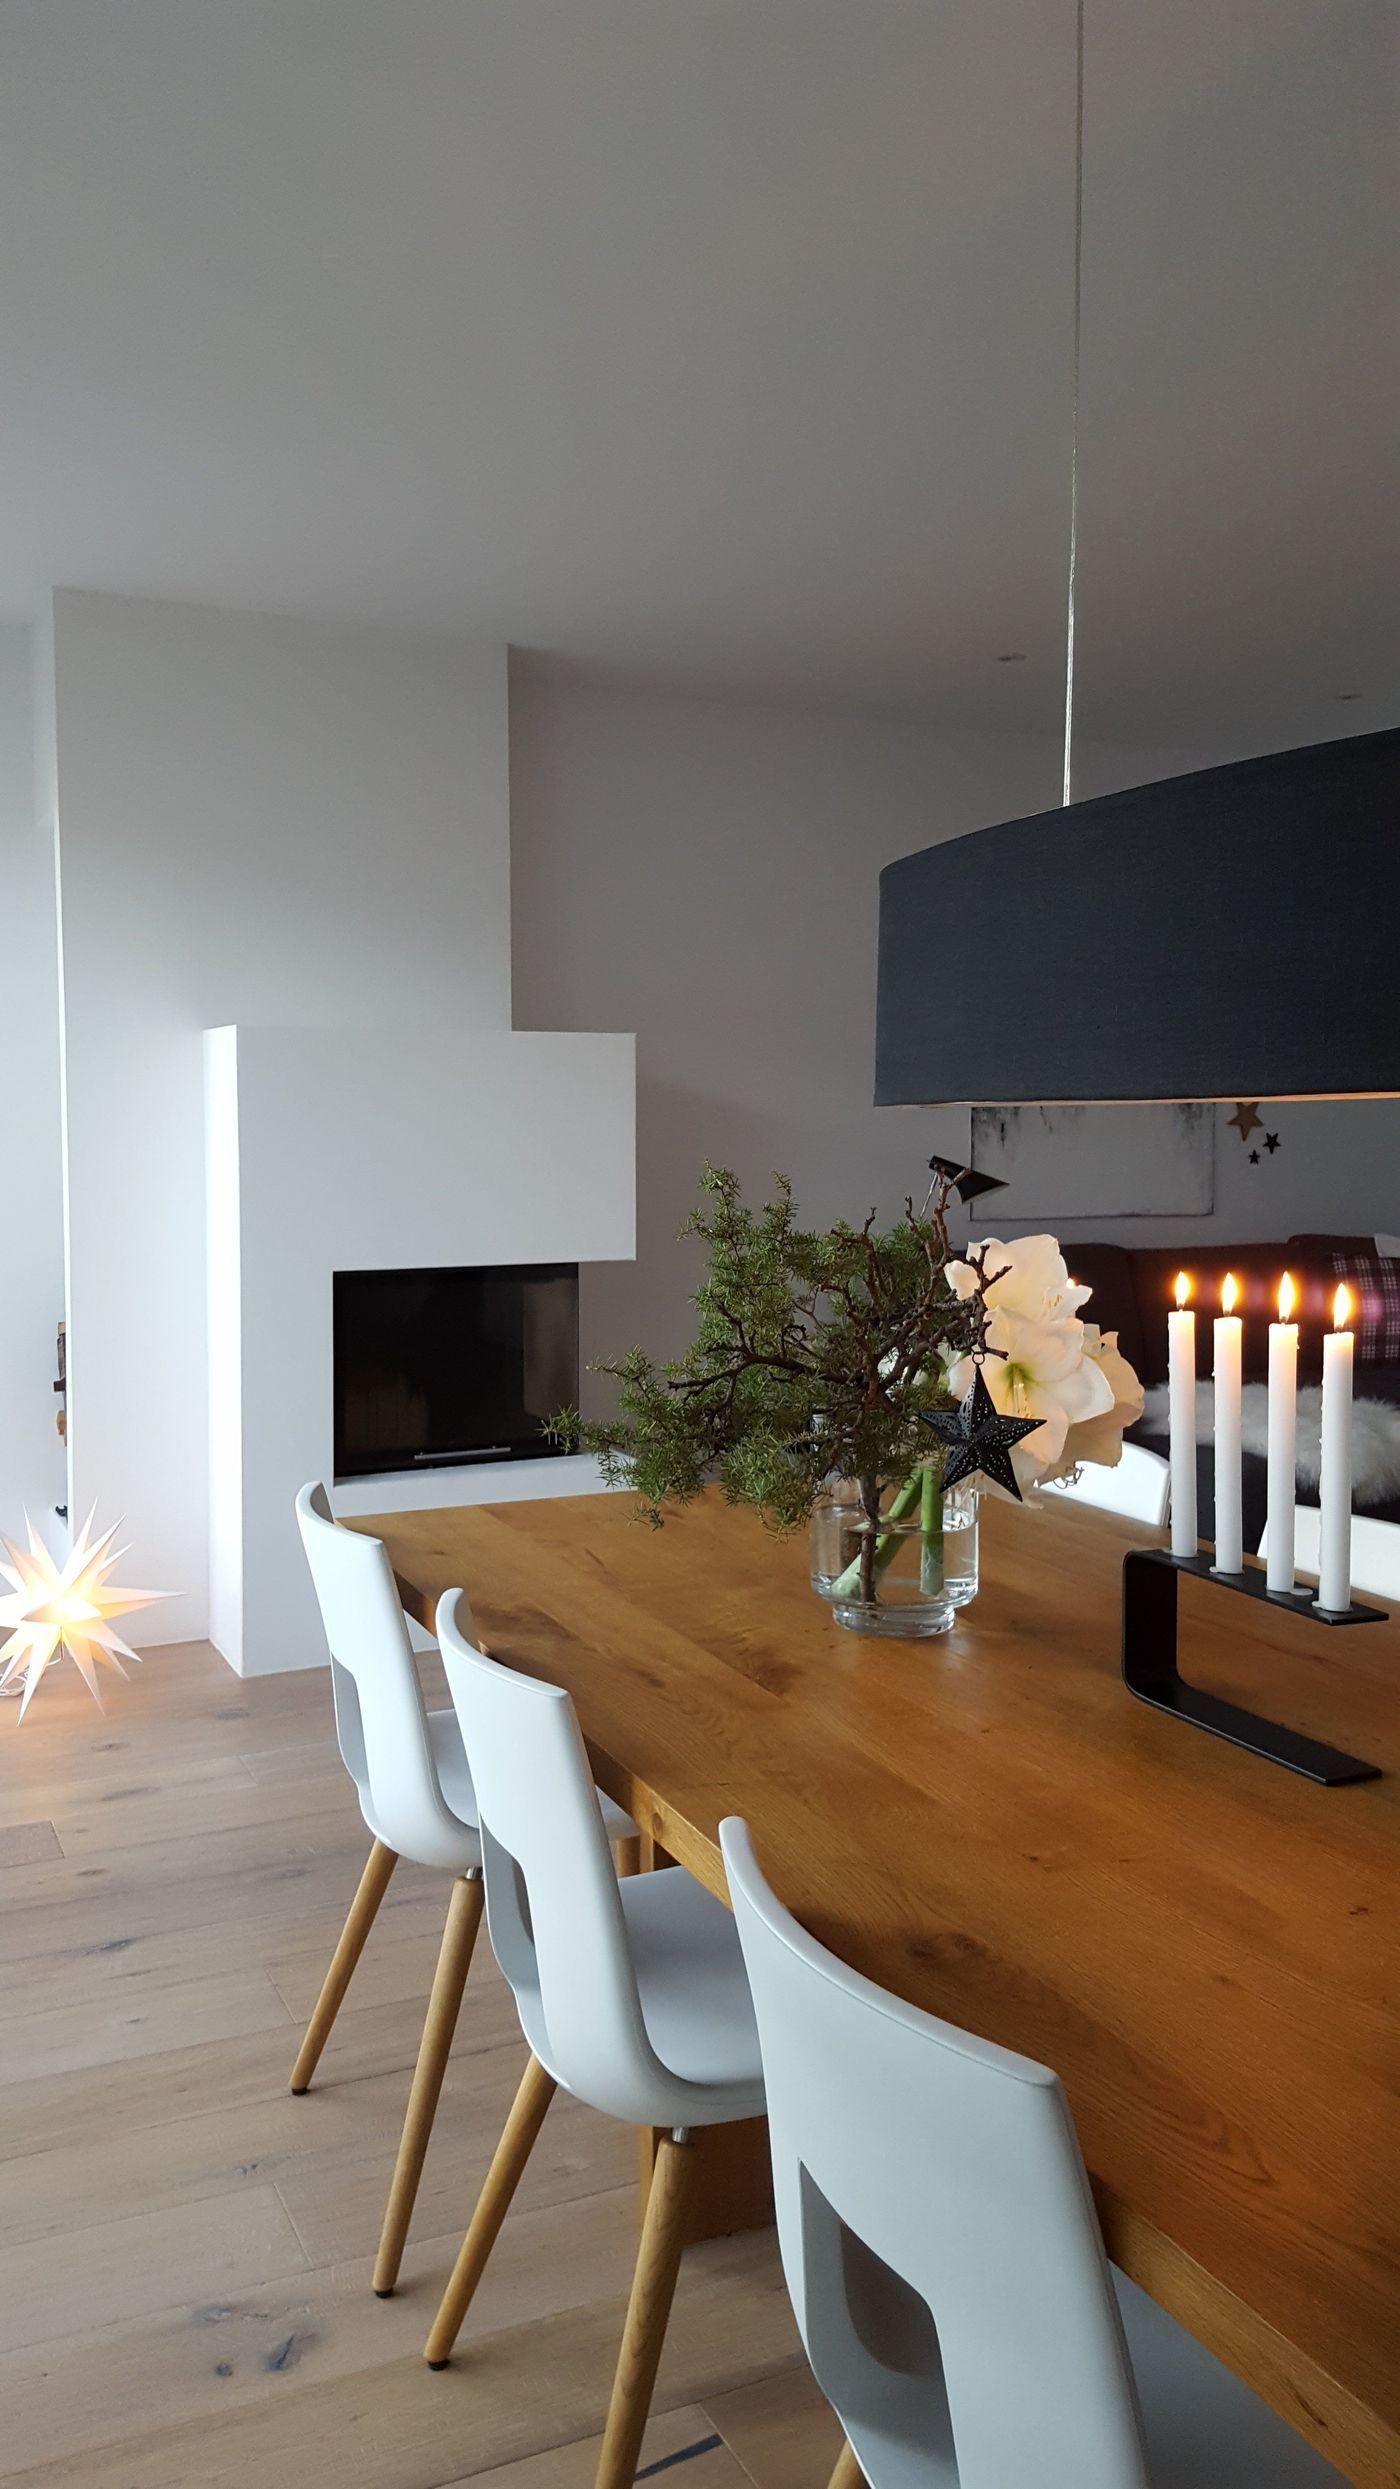 k che esszimmer wohnzimmer in einem raum grundriss wohnzimmer mit kuche einrichten. Black Bedroom Furniture Sets. Home Design Ideas